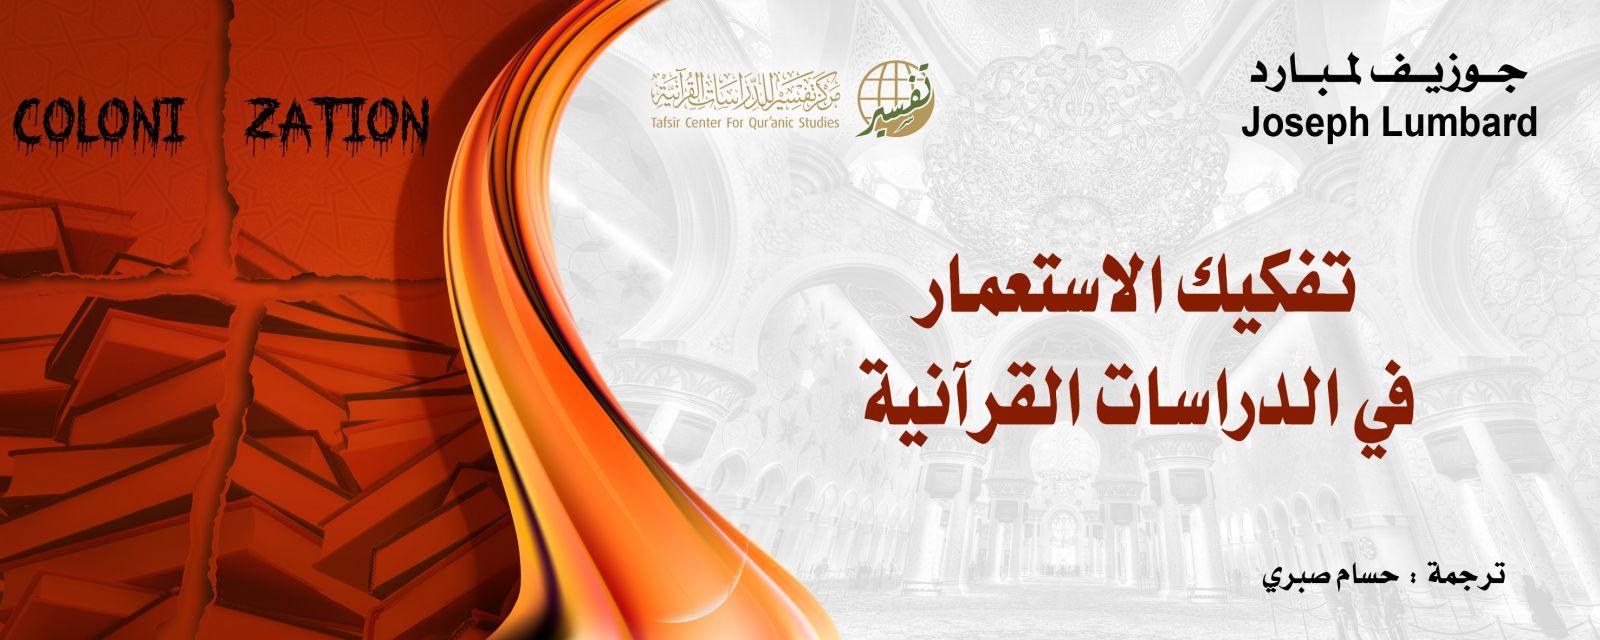 تفكيك الاستعمار في الدراسات القرآنية